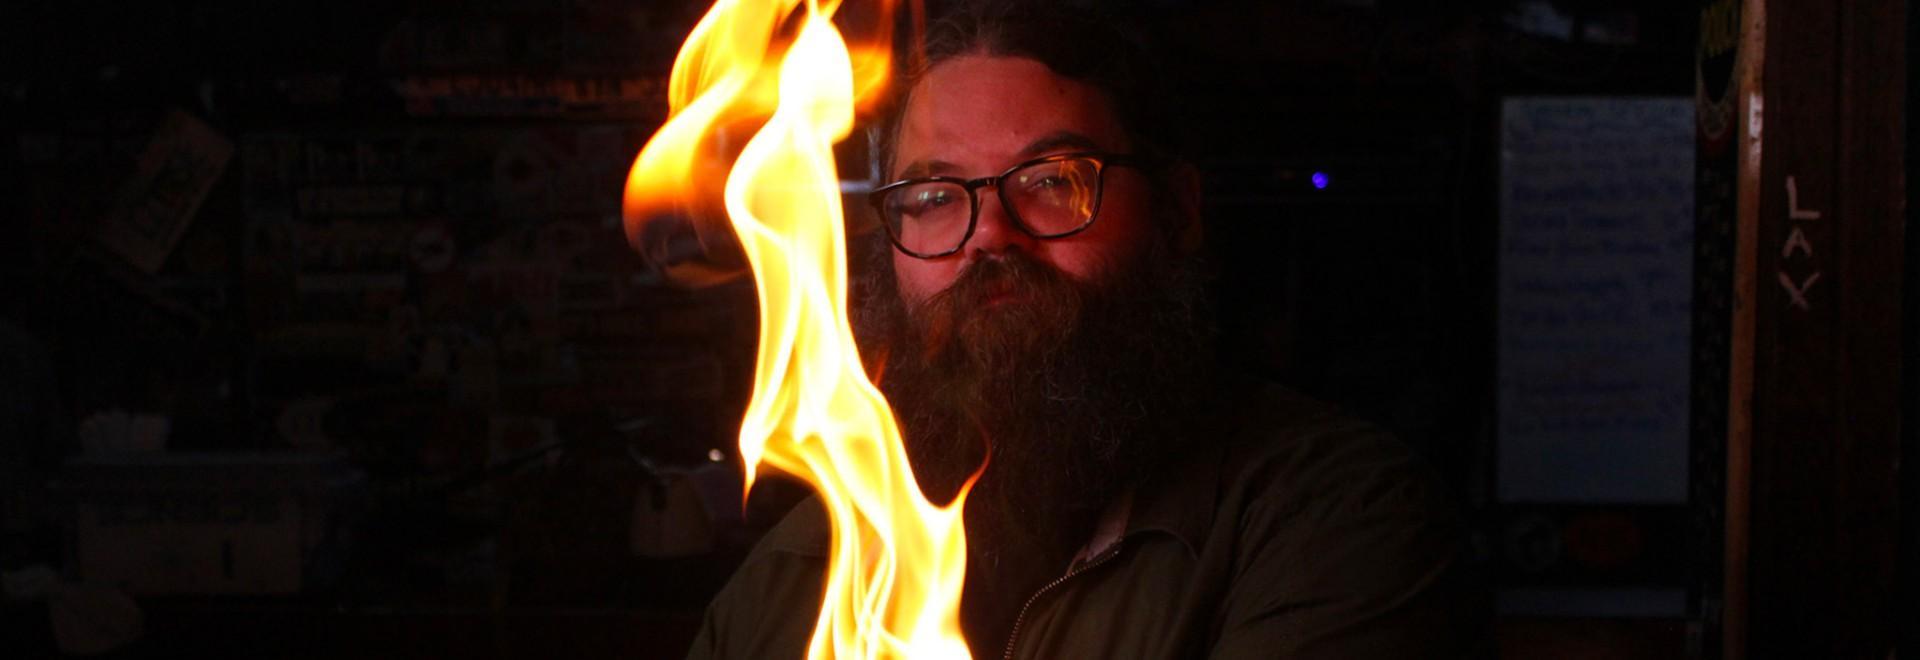 Giocare con il fuoco